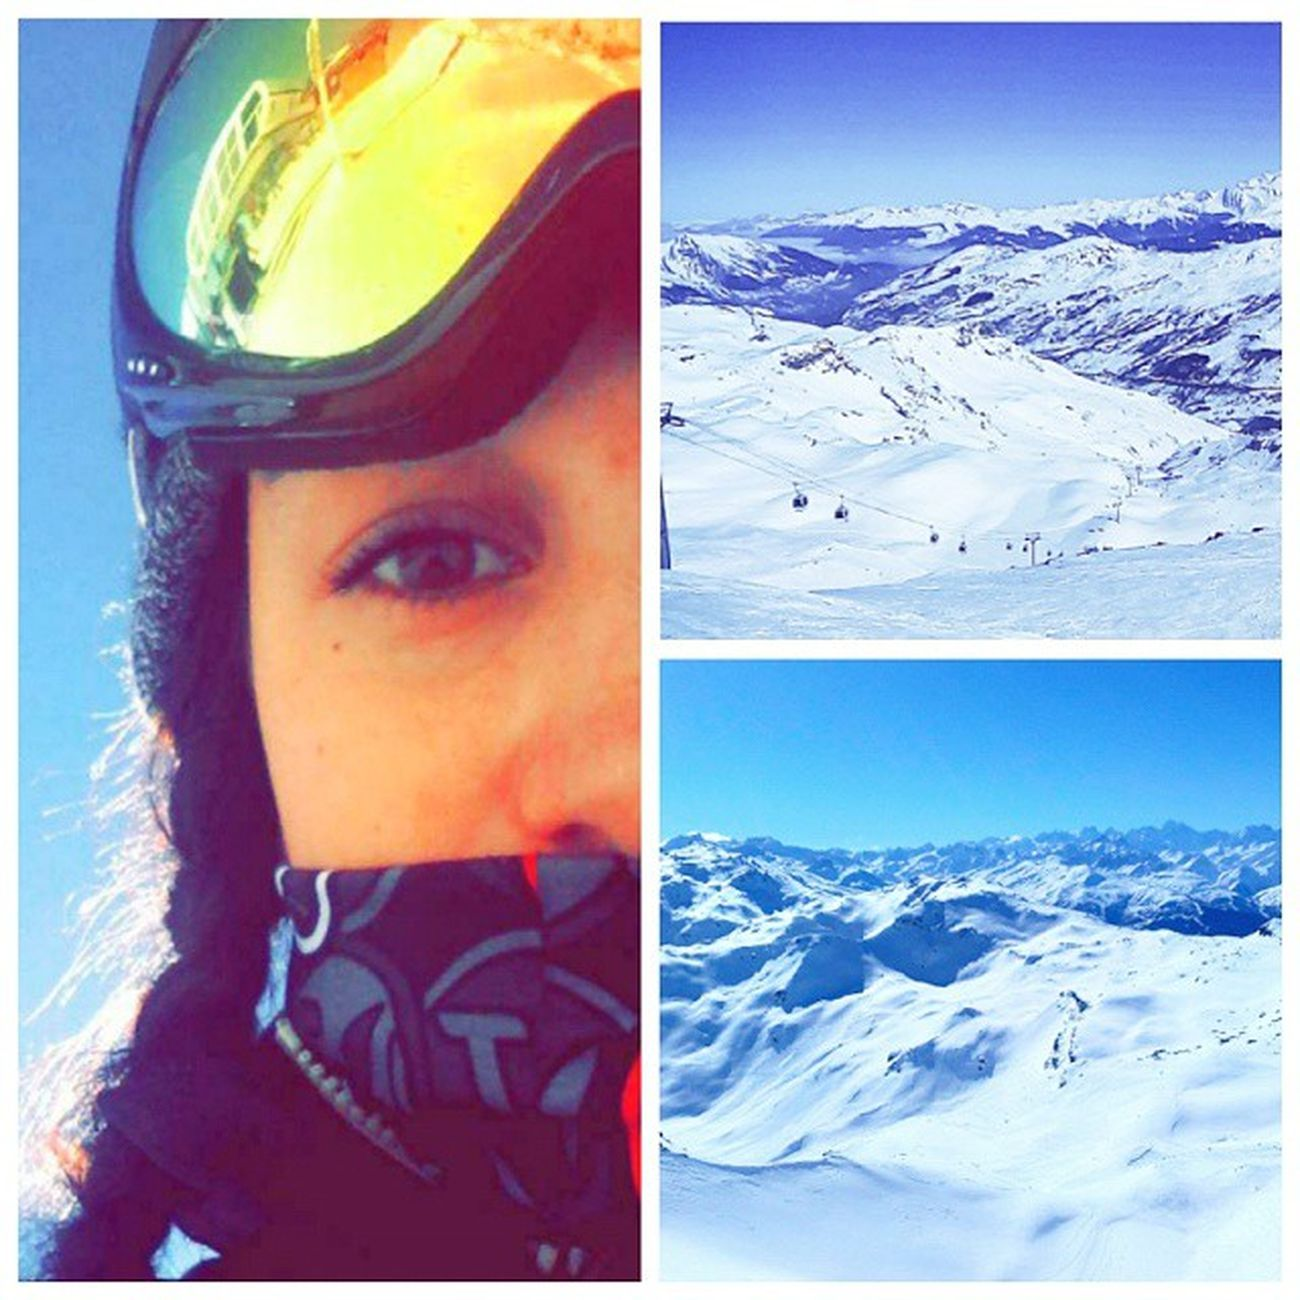 Le jour de congé qui passe super bien 😃👌🎿❄ Sunnyday Surlespistes Lamasse Lesmenuires 3vallées Skiingday Autop Perfectday